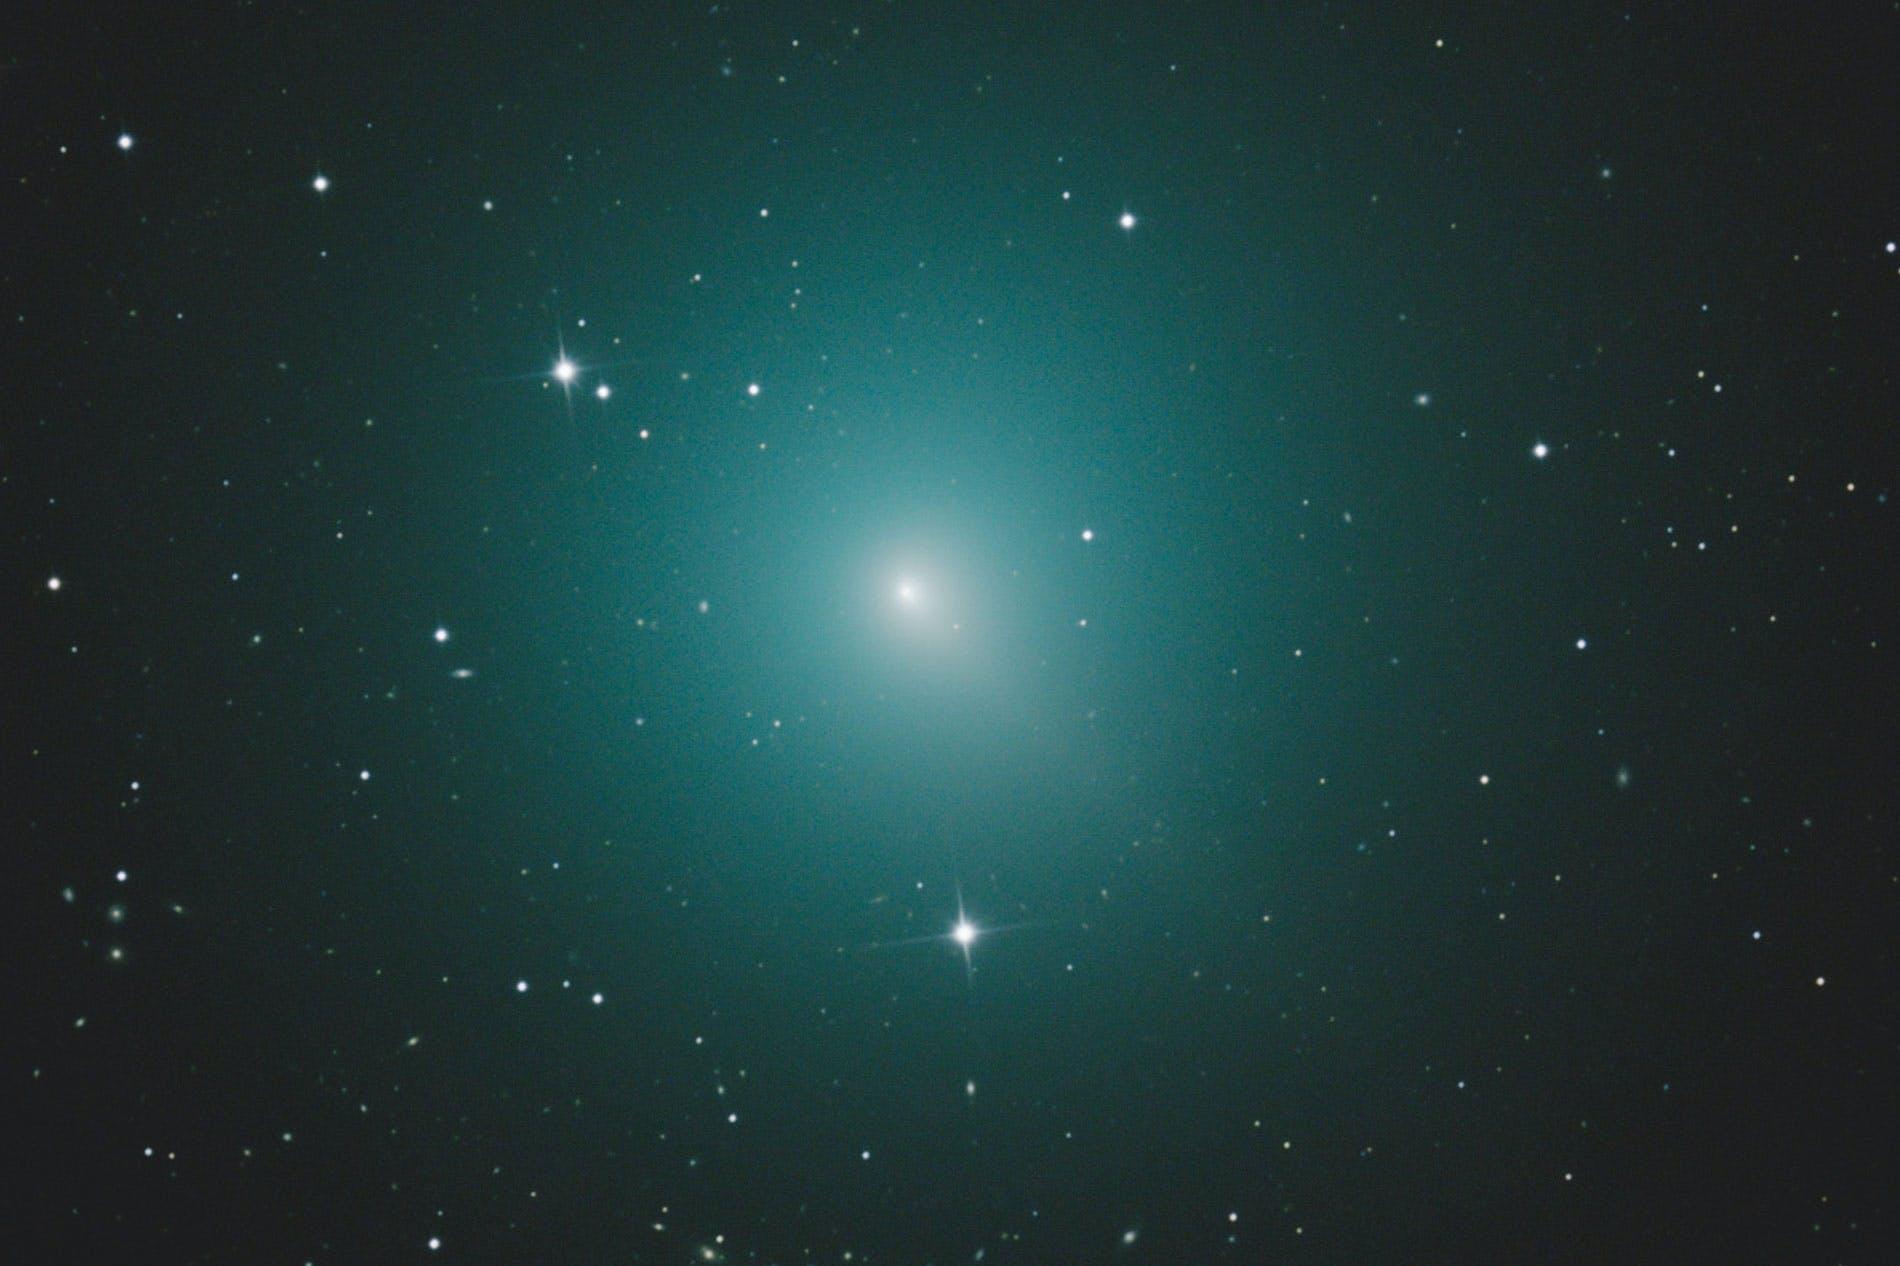 Komeetje komt ongewoon dicht bij de aarde